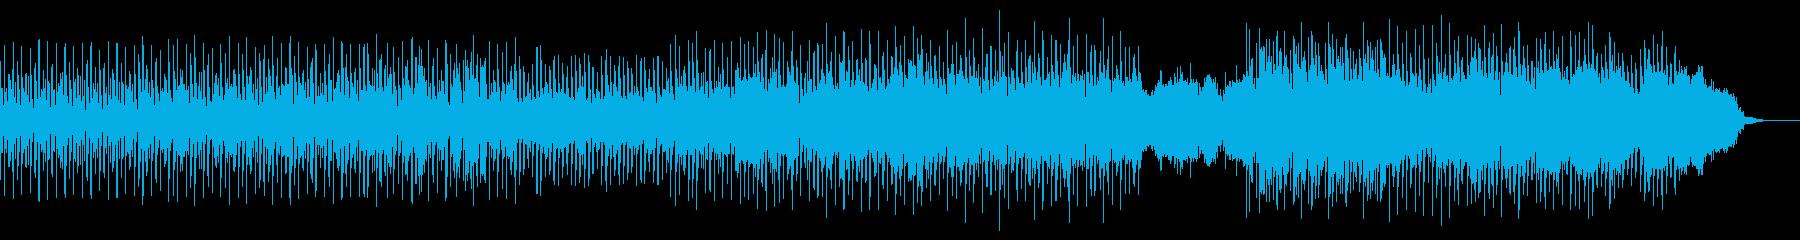 夜のドライブテクノの再生済みの波形